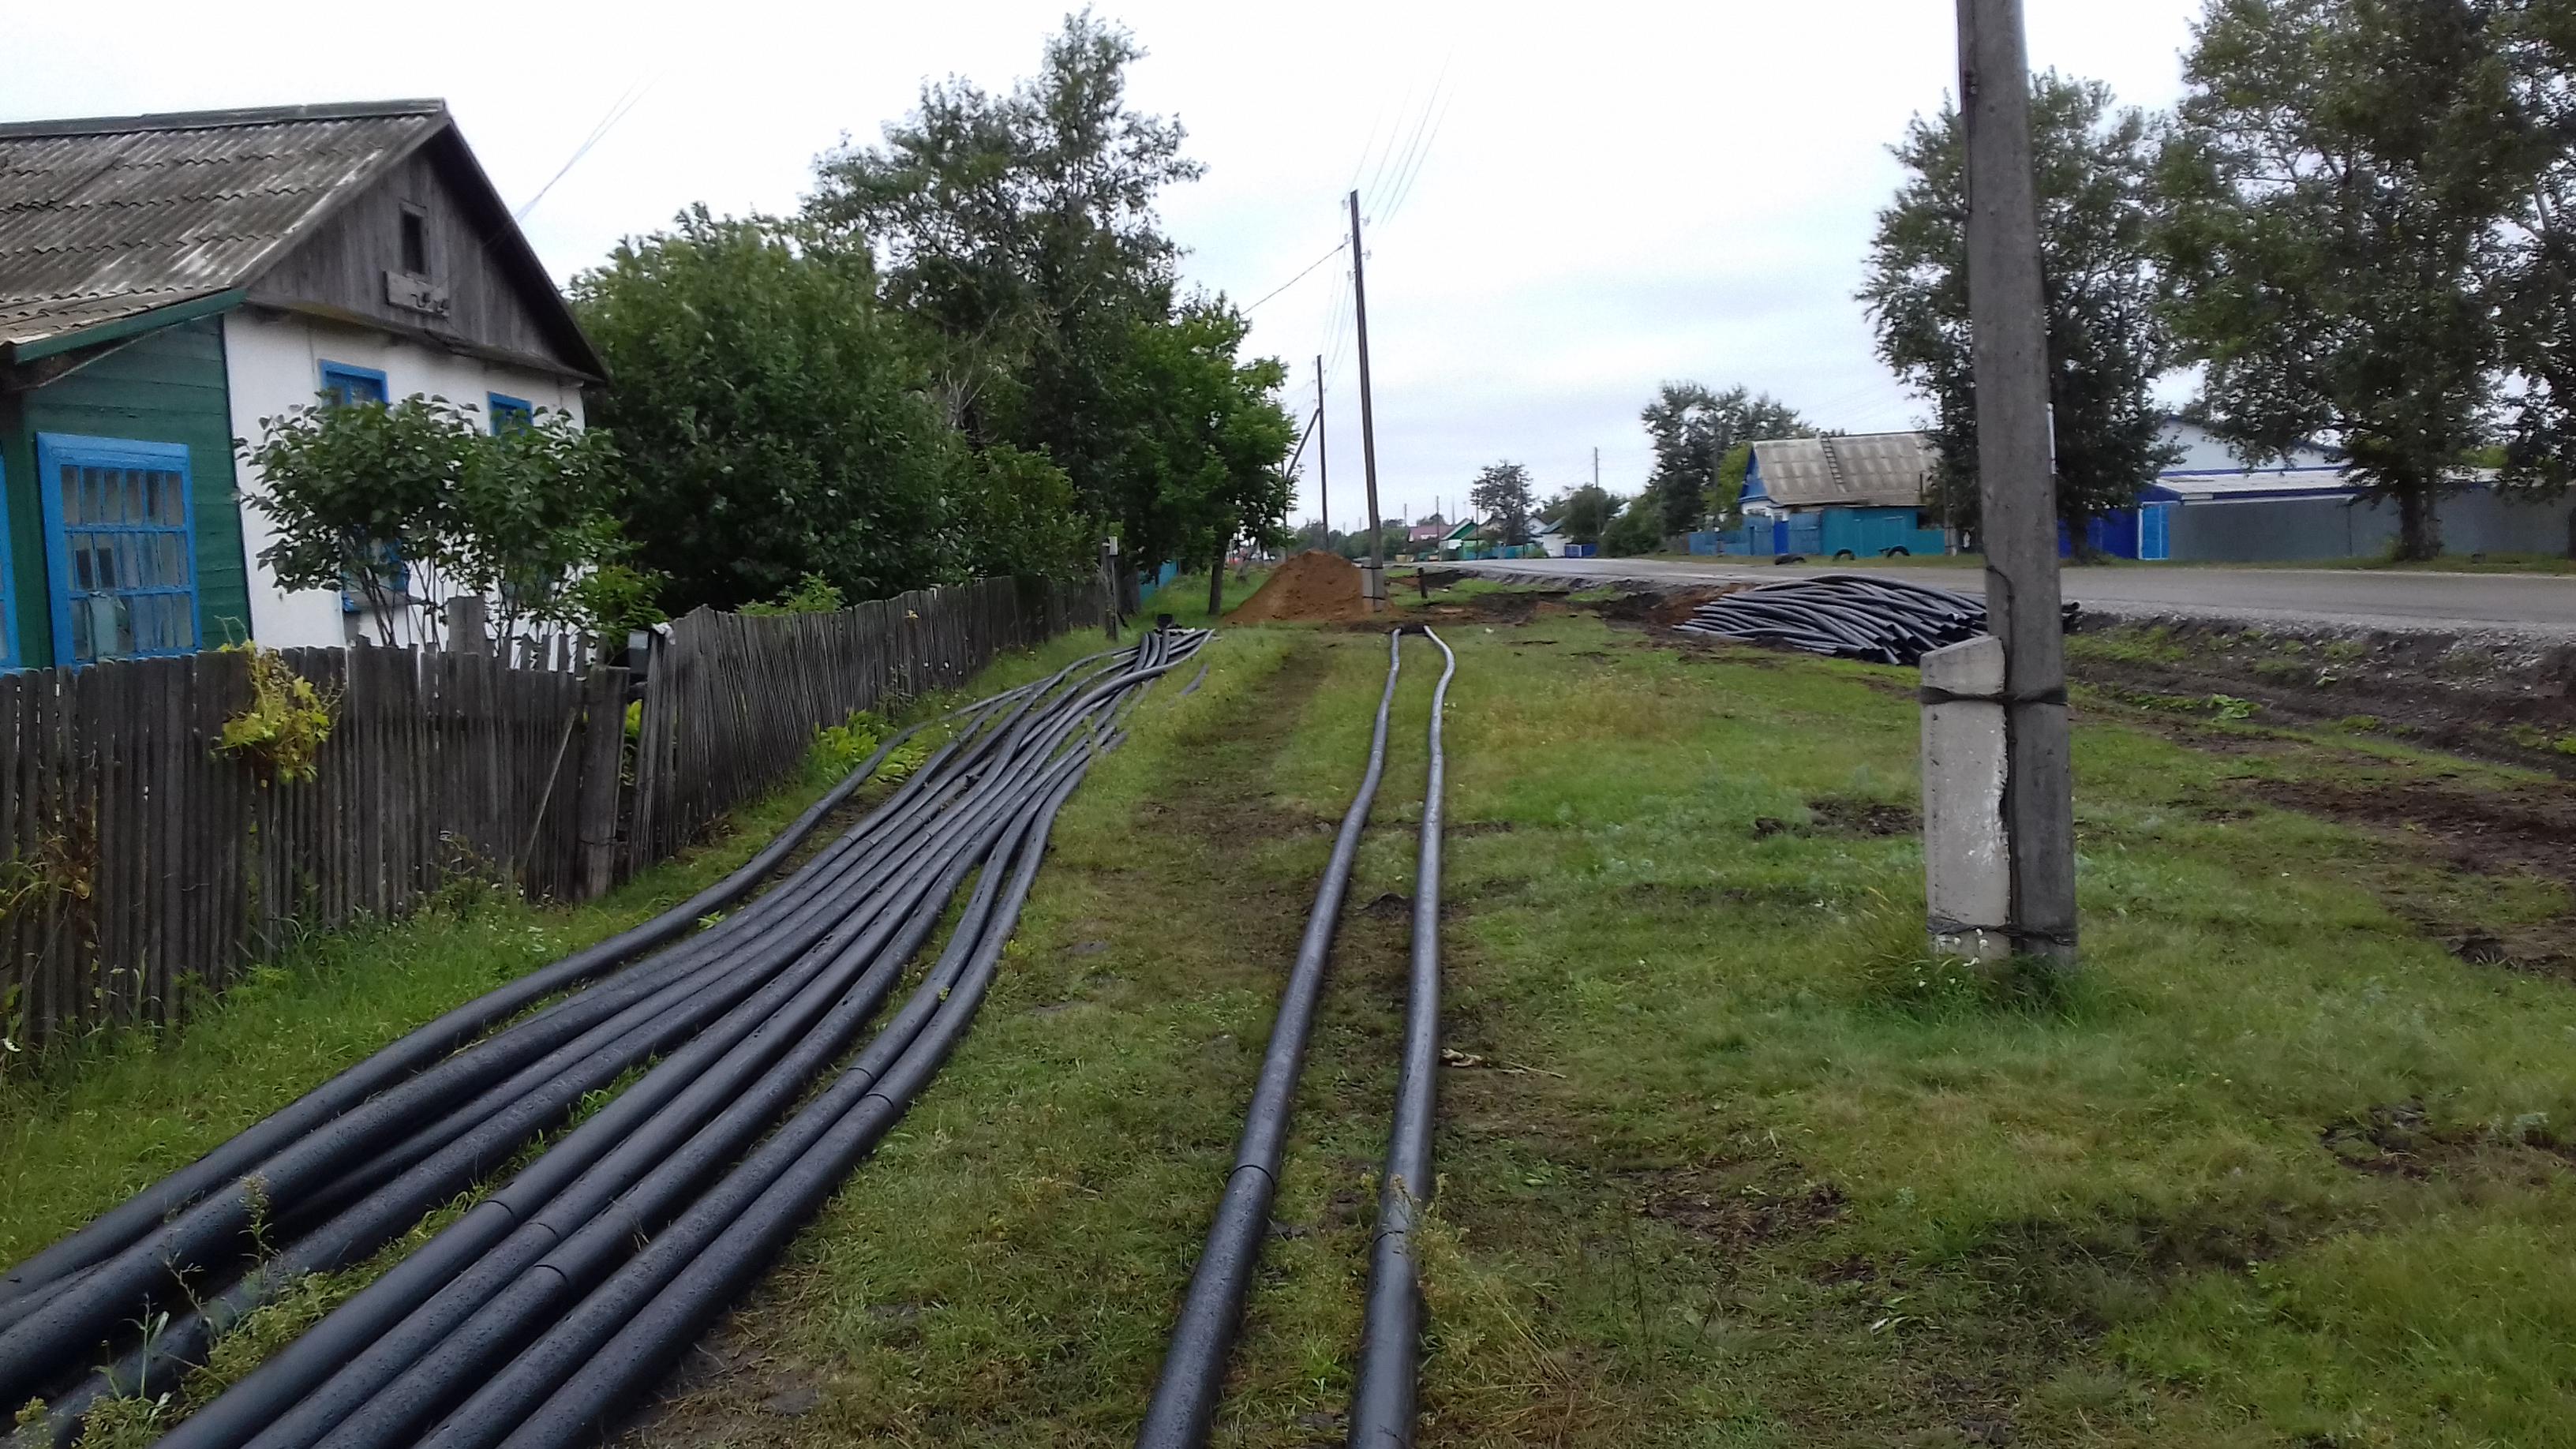 1.около 690 км. водопроводных сетей (для представления это больше чем расстояние от Новосибирска до Омска);